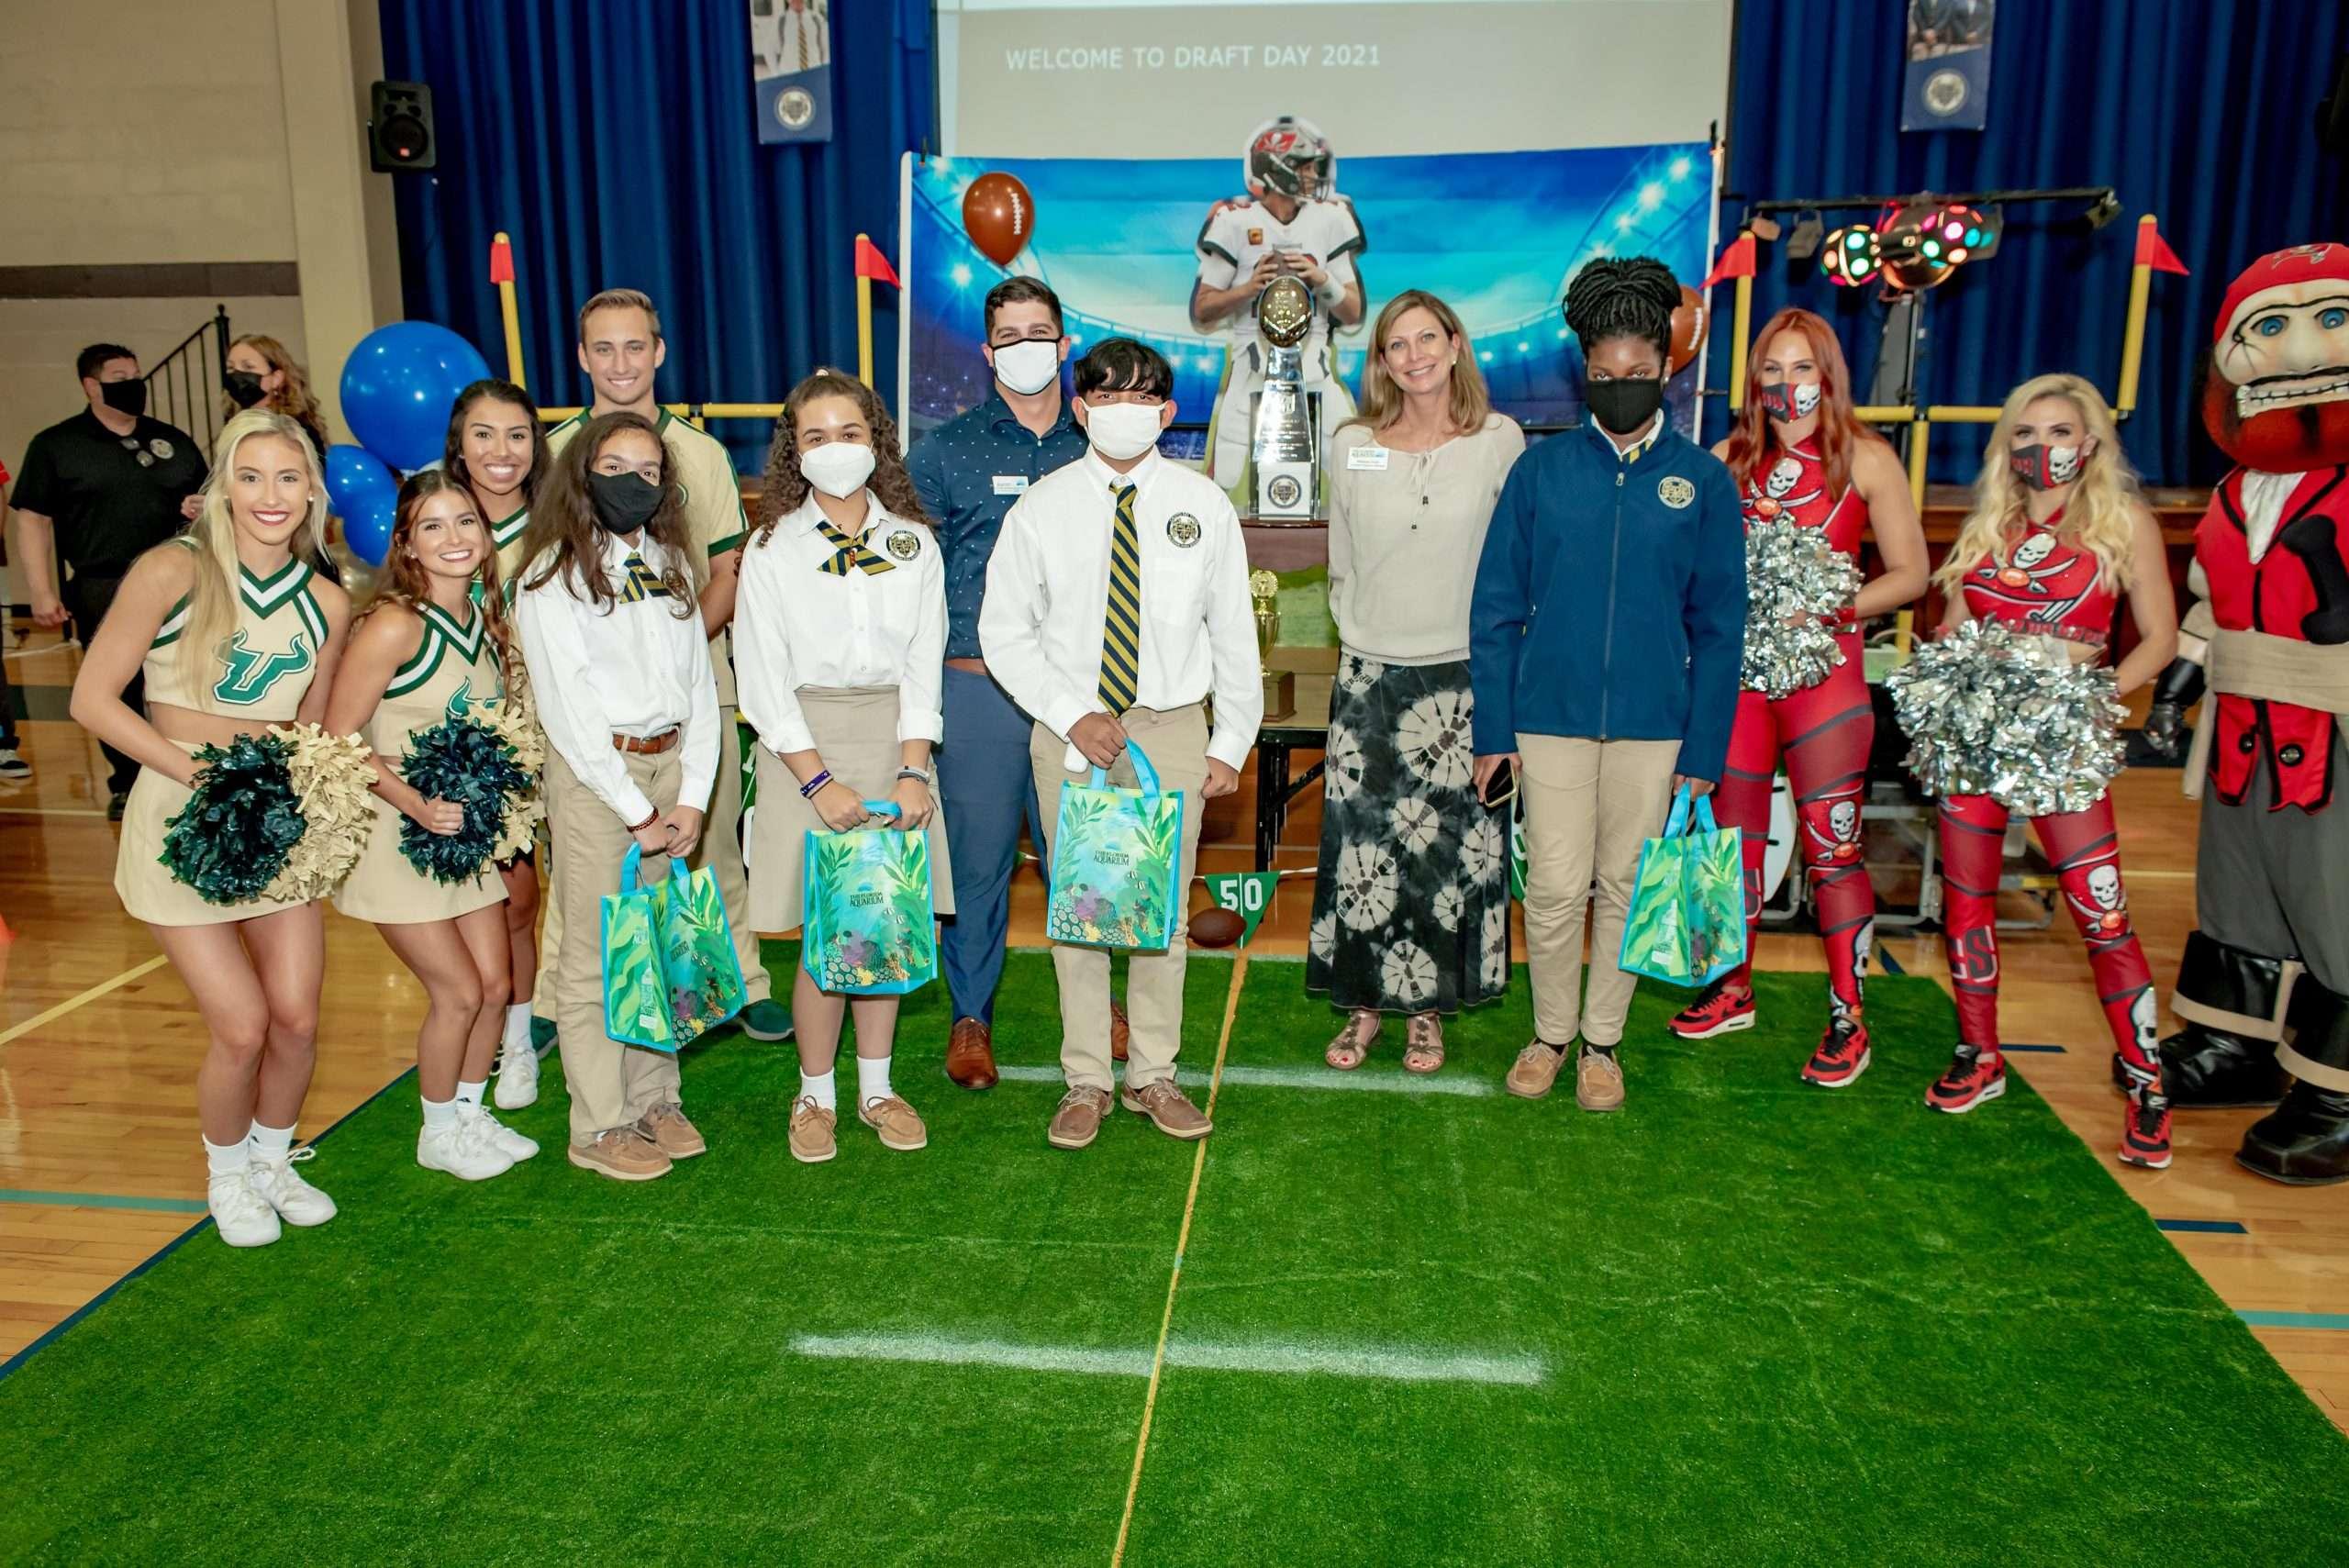 Draft Day 2021 - Partner The Florida Aquarium